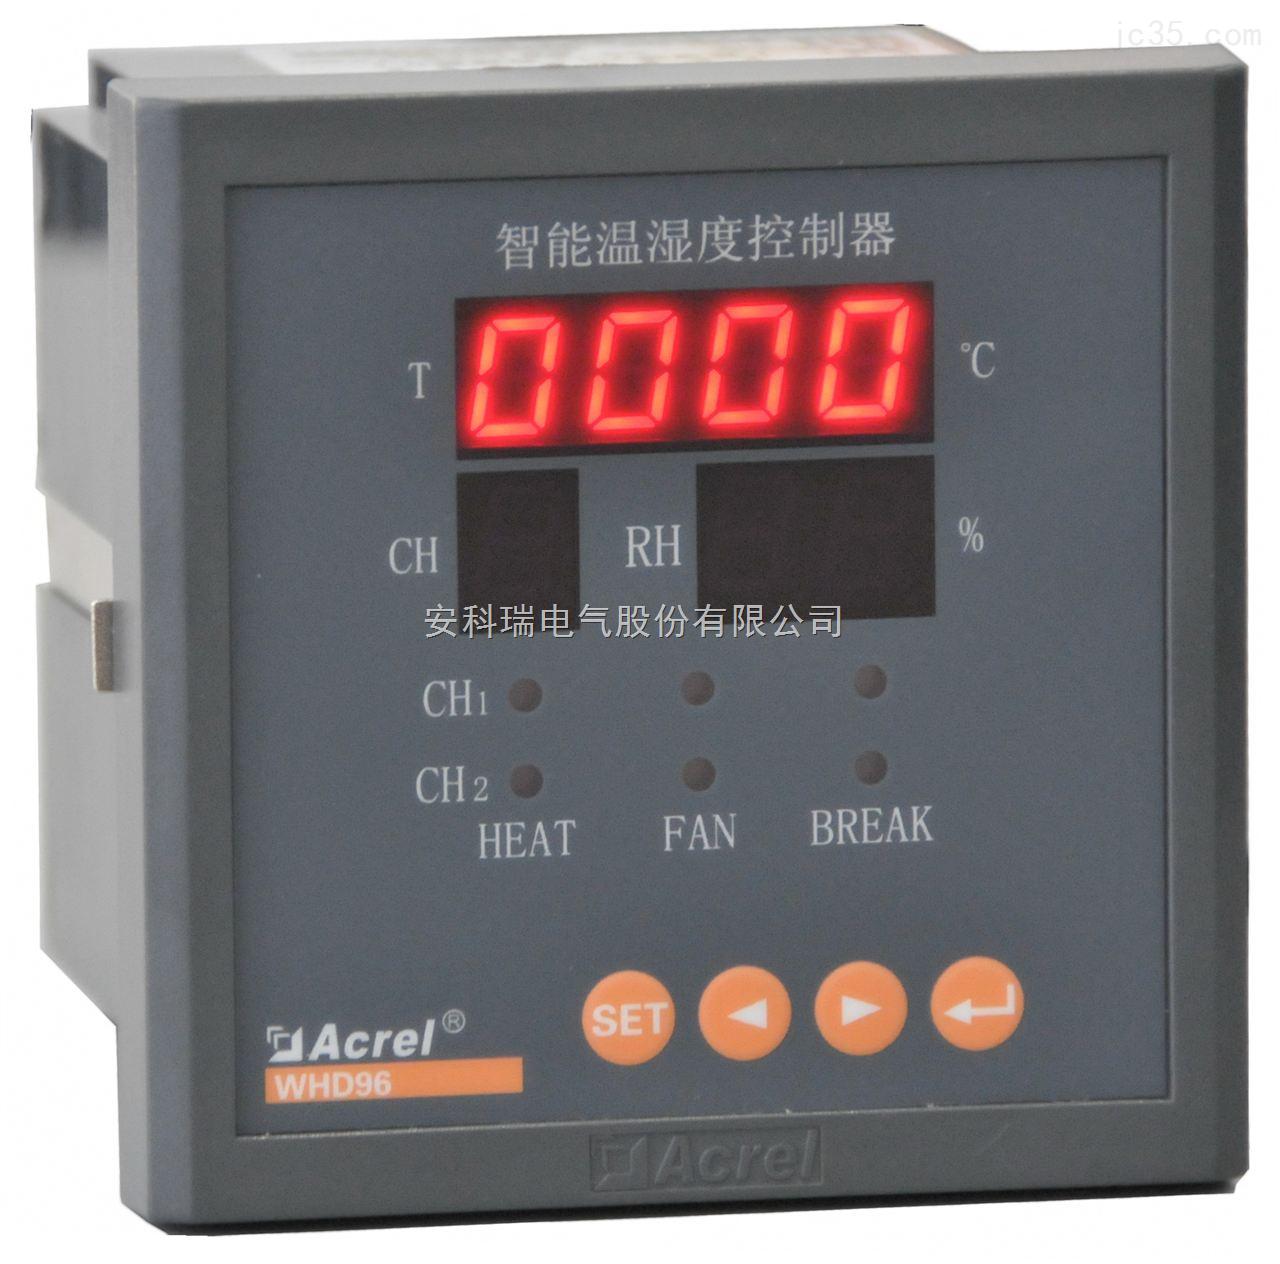 安科瑞96方形智能温湿度控制器WHD96-11厂家直供